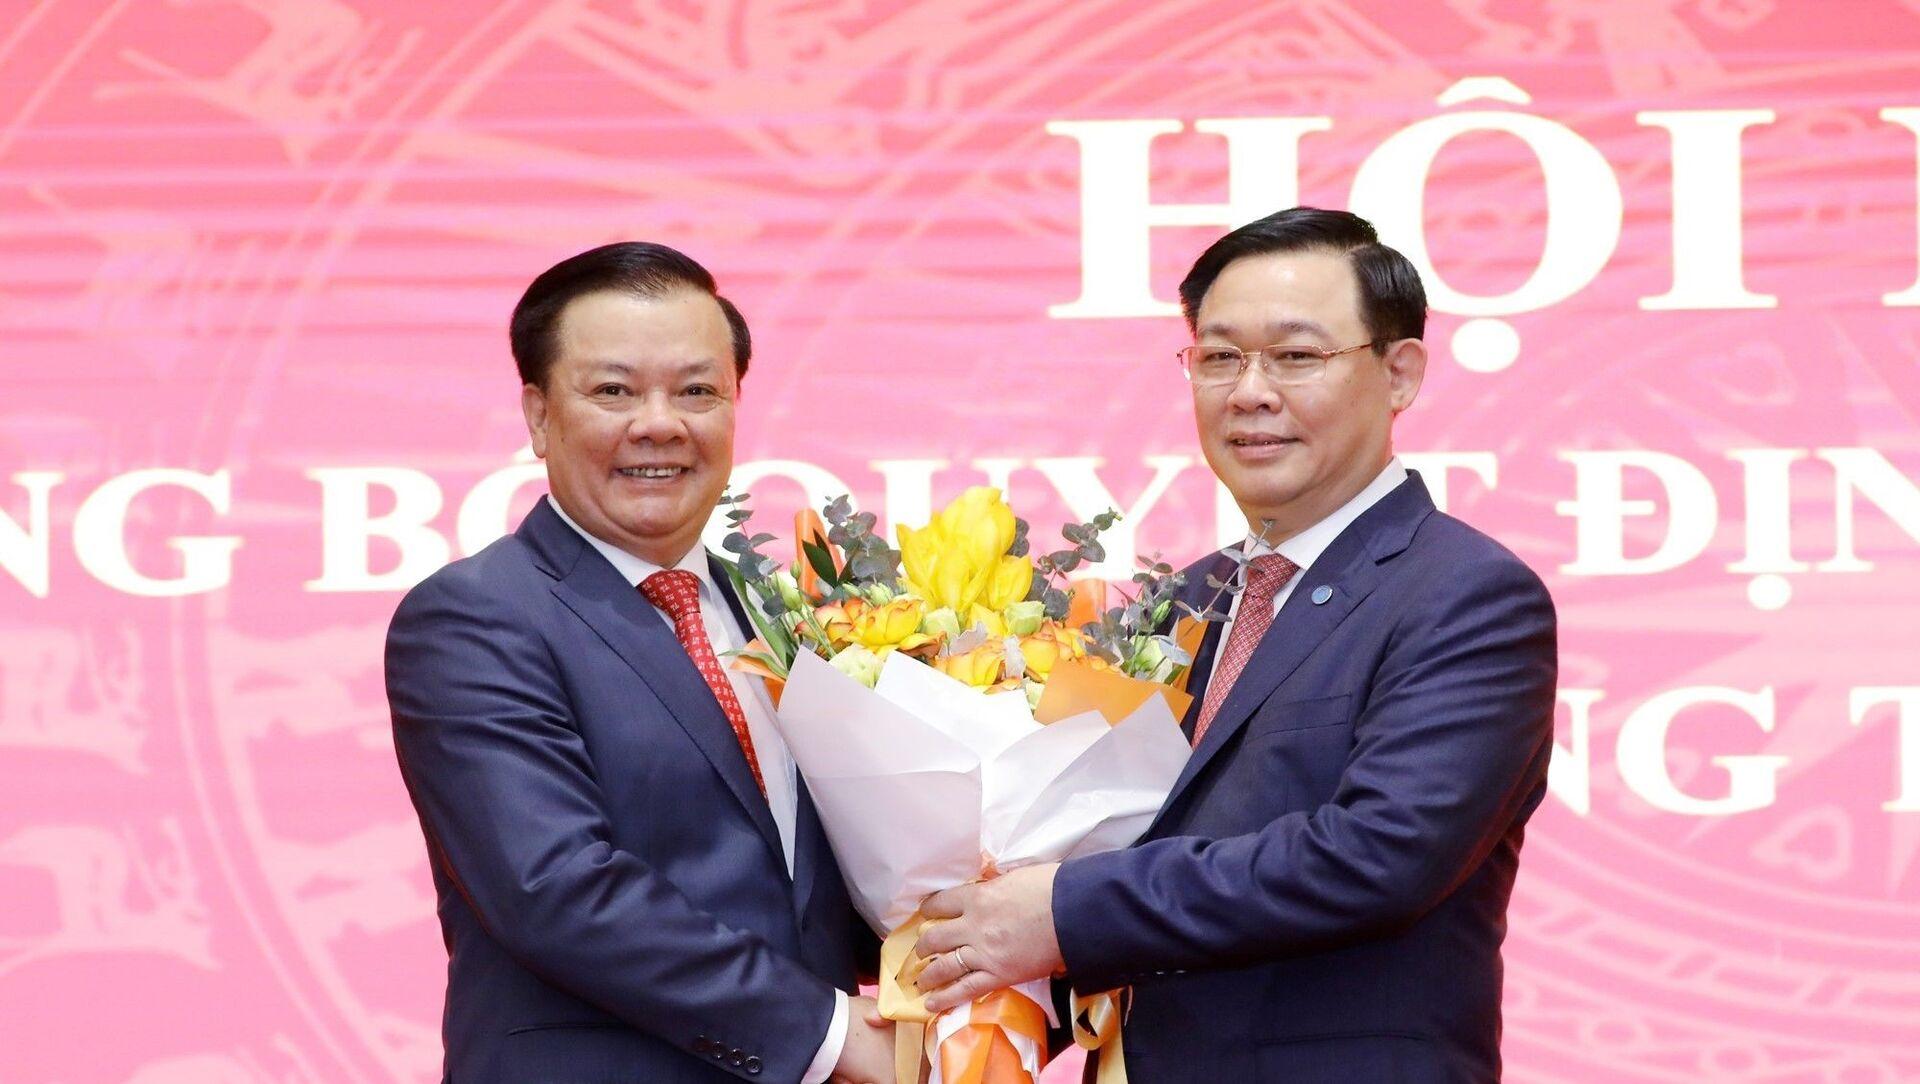 Chủ tịch Quốc hội Vương Đình Huệ tặng hoa chúc mừng tân Bí thư Thành ủy Hà Nội Đinh Tiến Dũng. - Sputnik Việt Nam, 1920, 03.04.2021